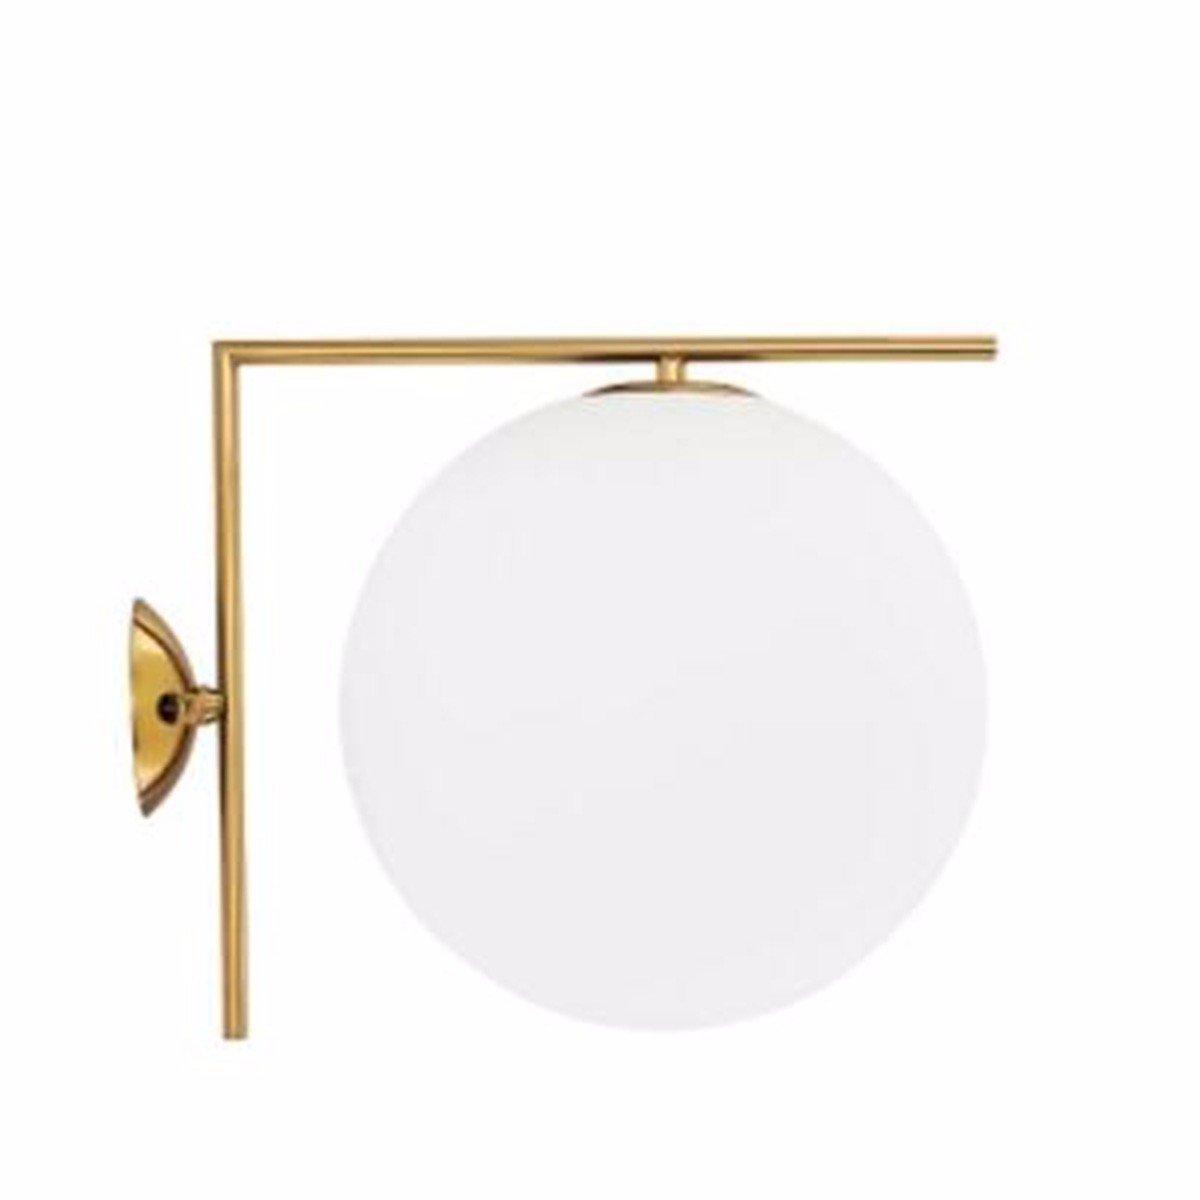 GOUZI Wandleuchte Persönlichkeit kreativ Die Glaskugel LED-TV, Wandleuchte für Wohnzimmer Schlafzimmer Küche Bad Nacht Flur Eingangsbar